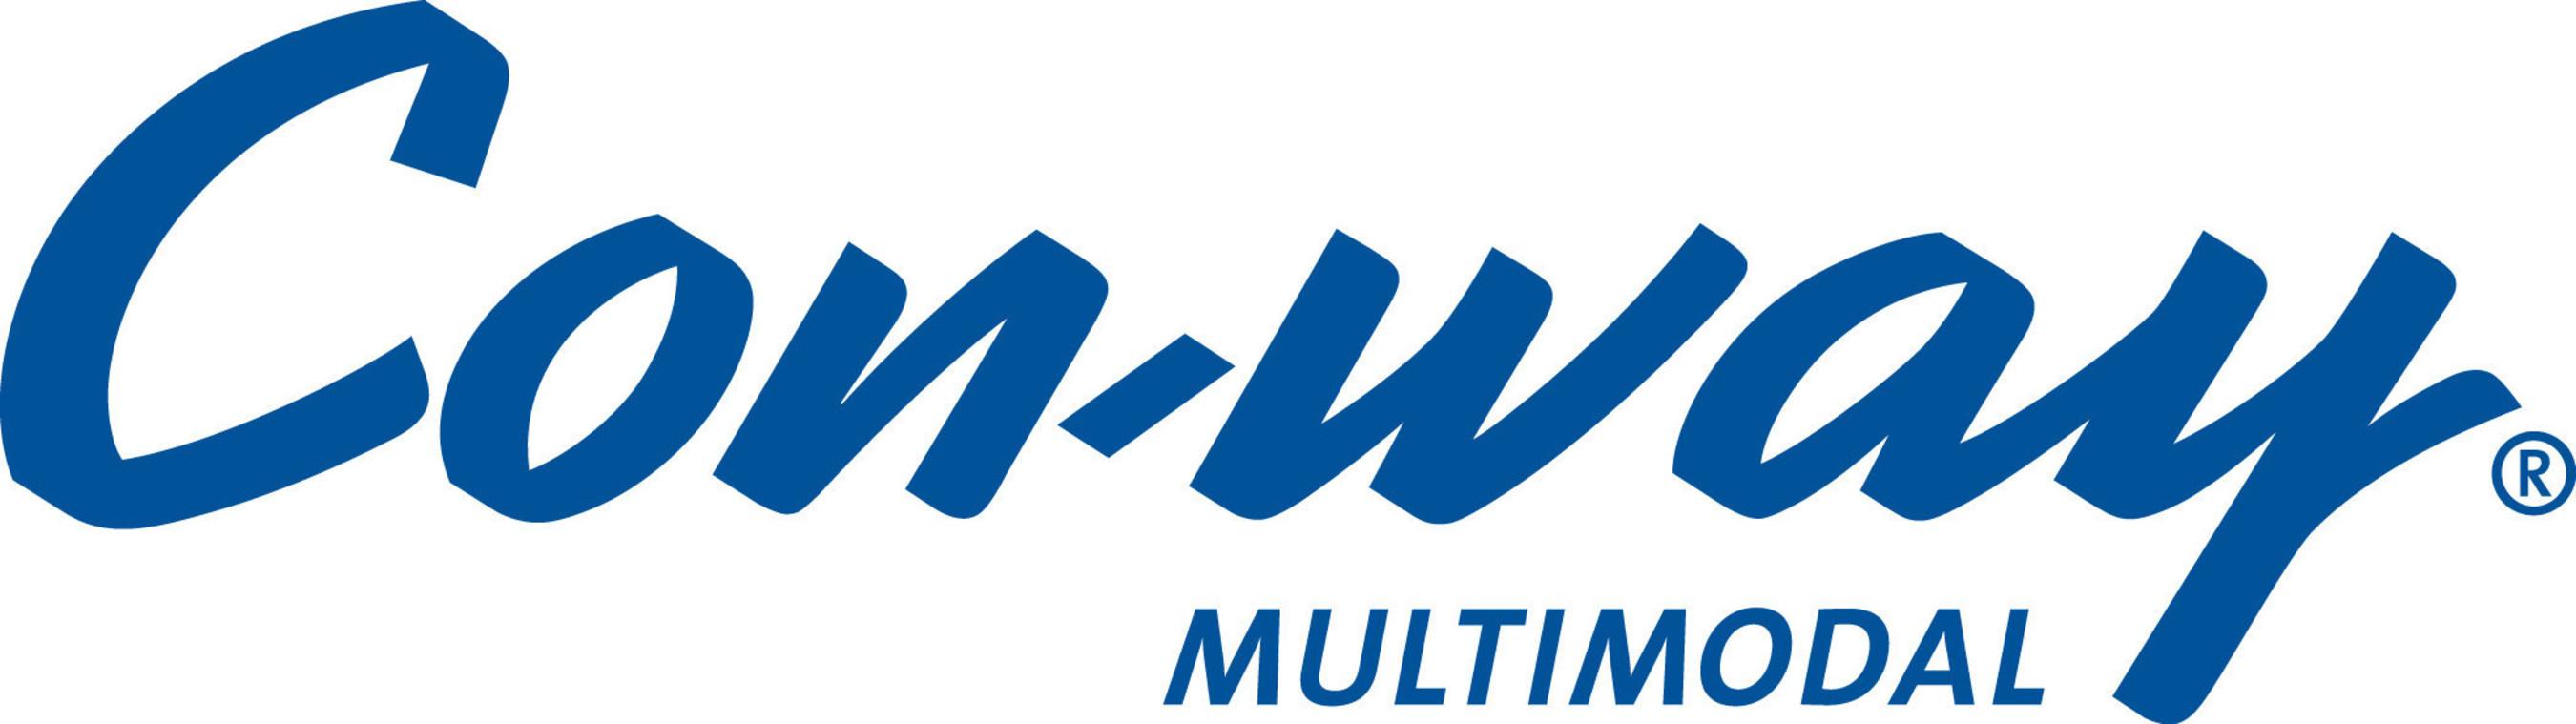 Con-way Multimodal logo